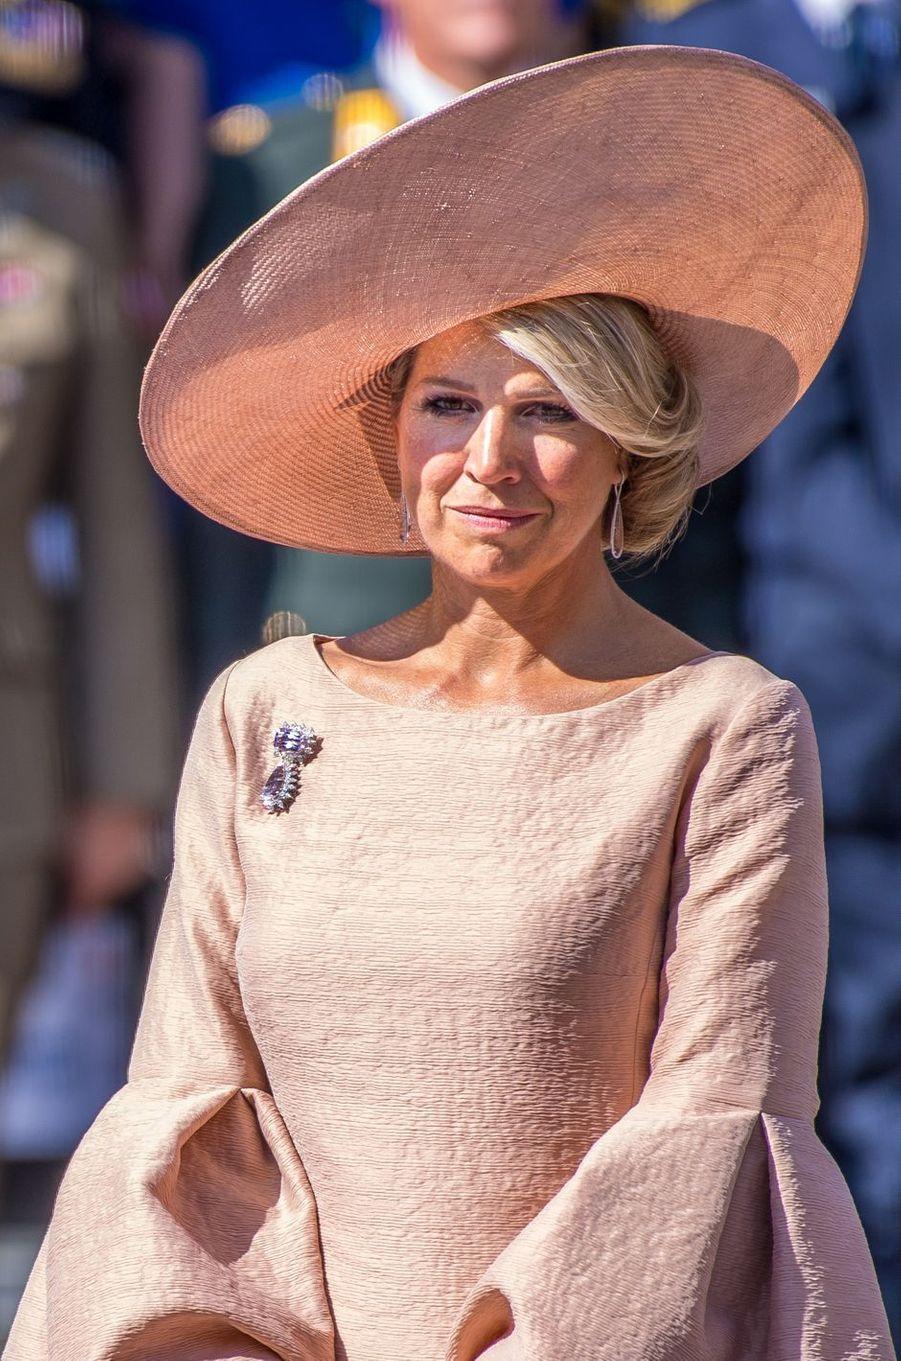 La reine Maxima des Pays-Bas en rose poudré à la Haye, le 31 août 2018